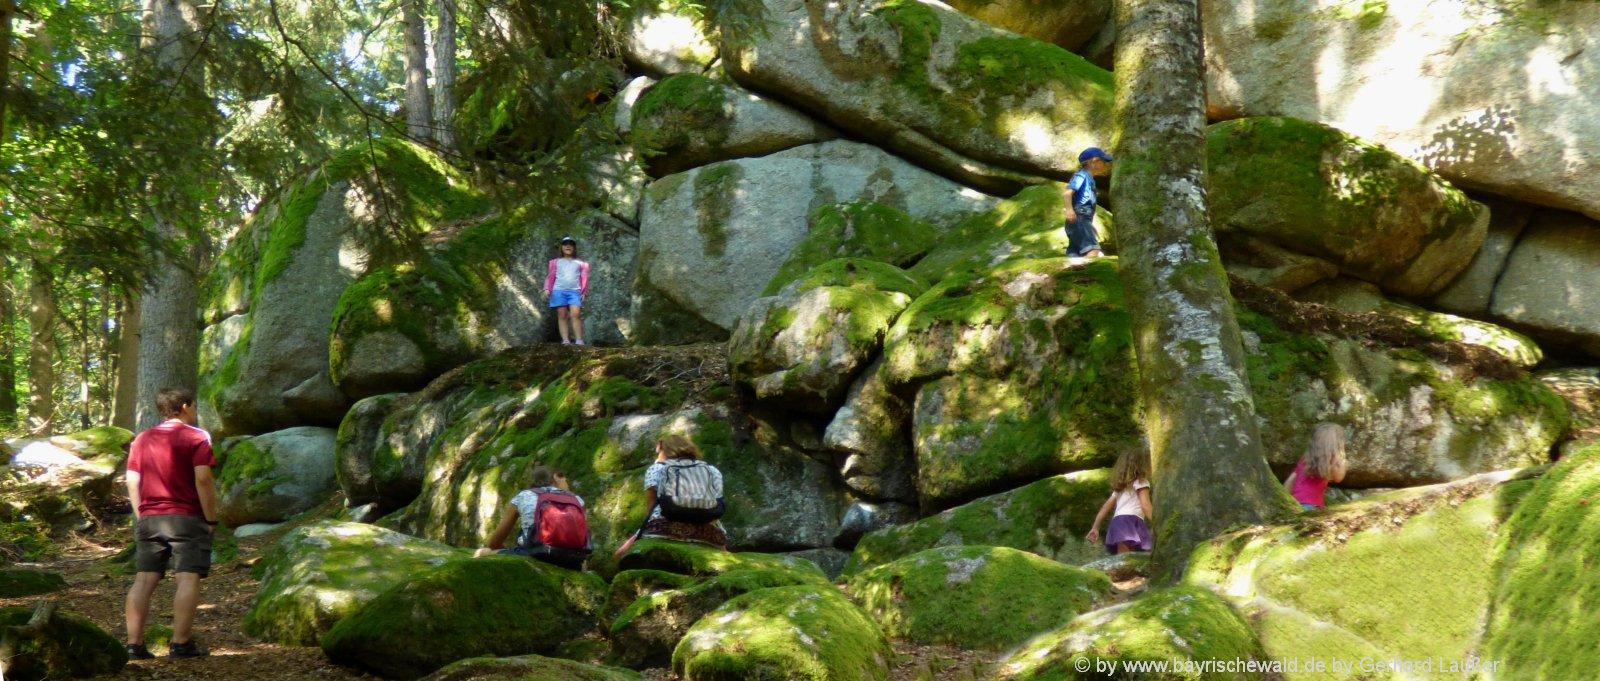 bayerischer-wald-sehenswertes-wanderung-felsen-familien-freizeittipp